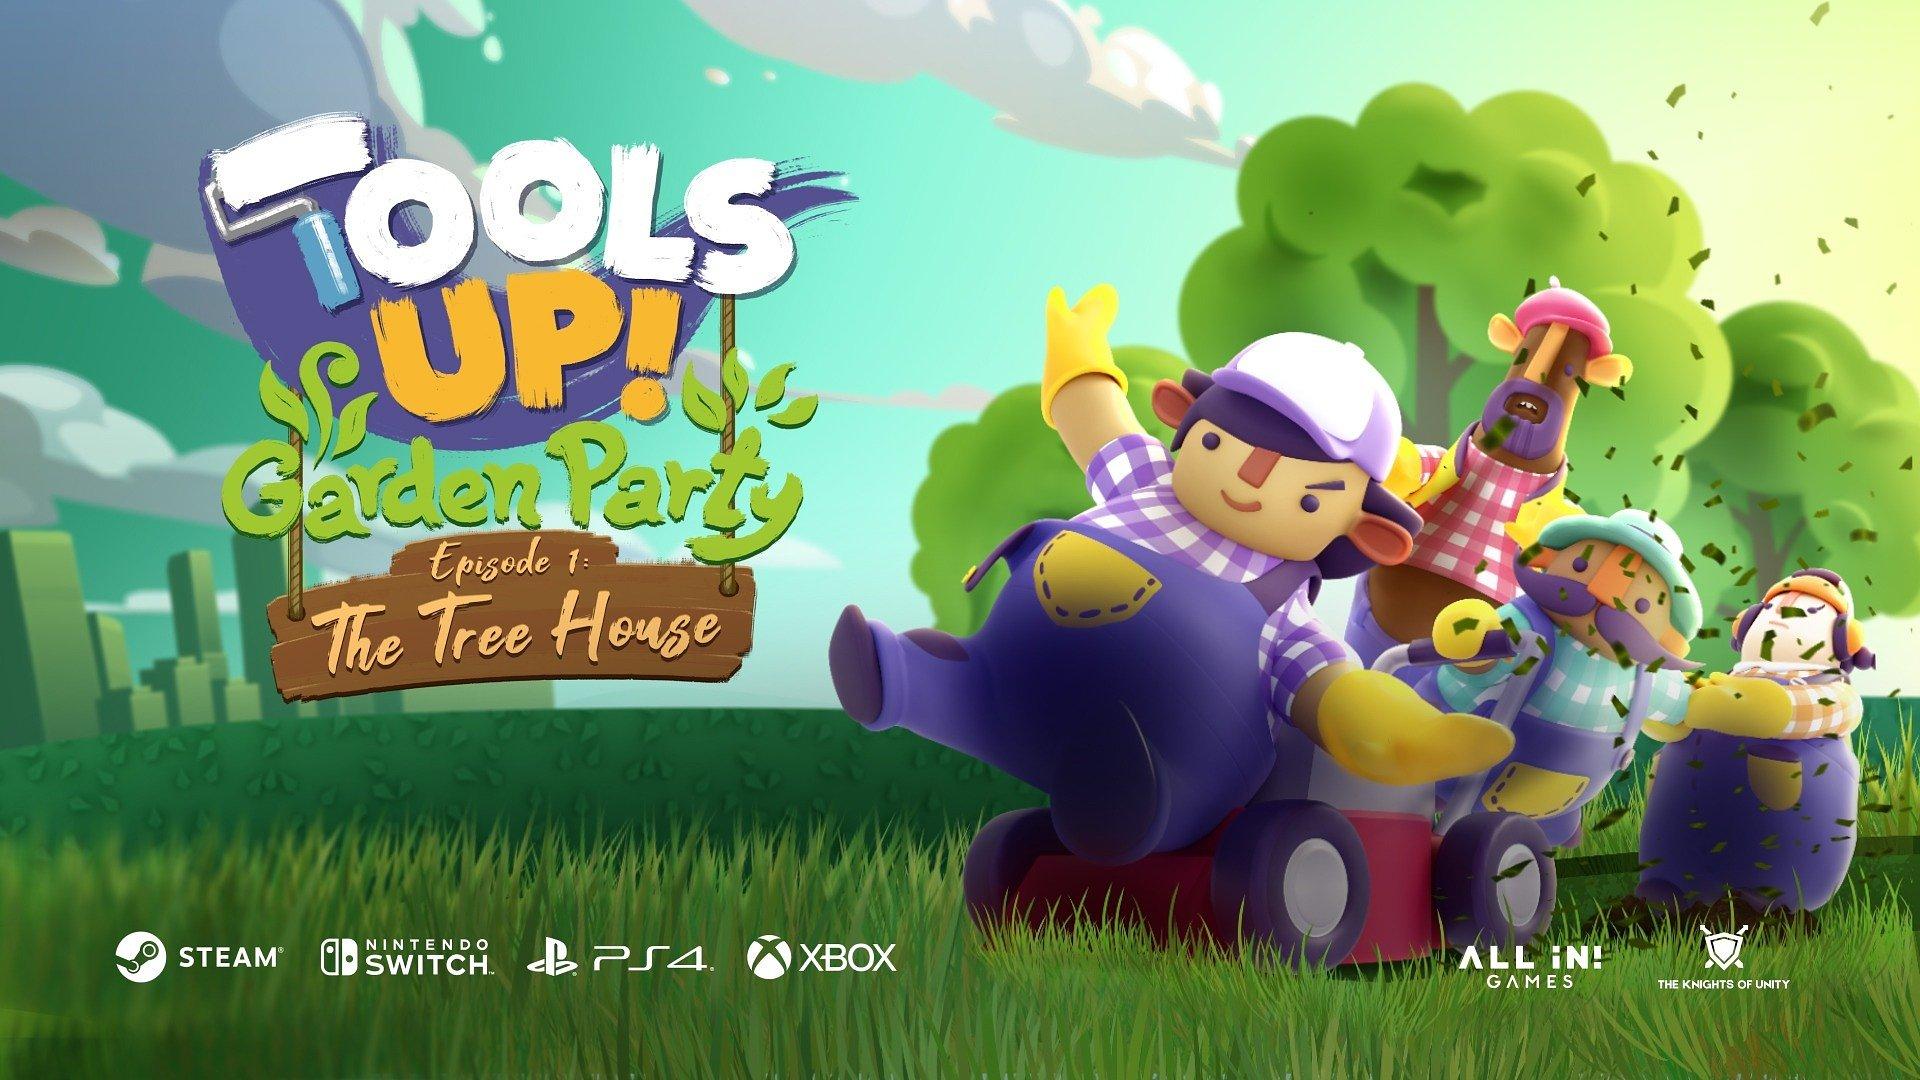 Działka - moje hobby. Kwietniowe DLC do Tools Up! zabierze nas do ogrodu